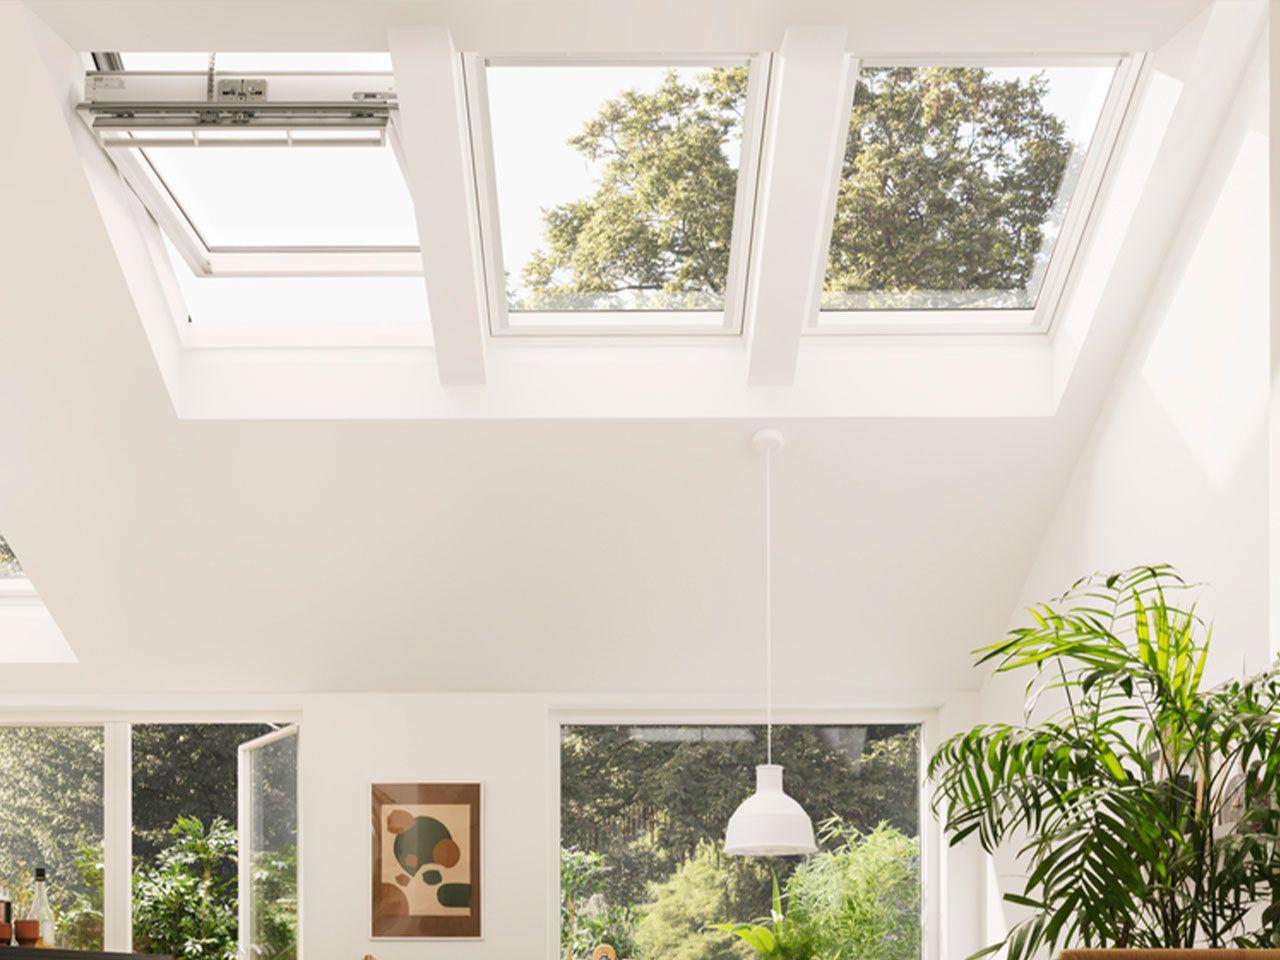 ventanas de tejado de accionamiento electrico o solar